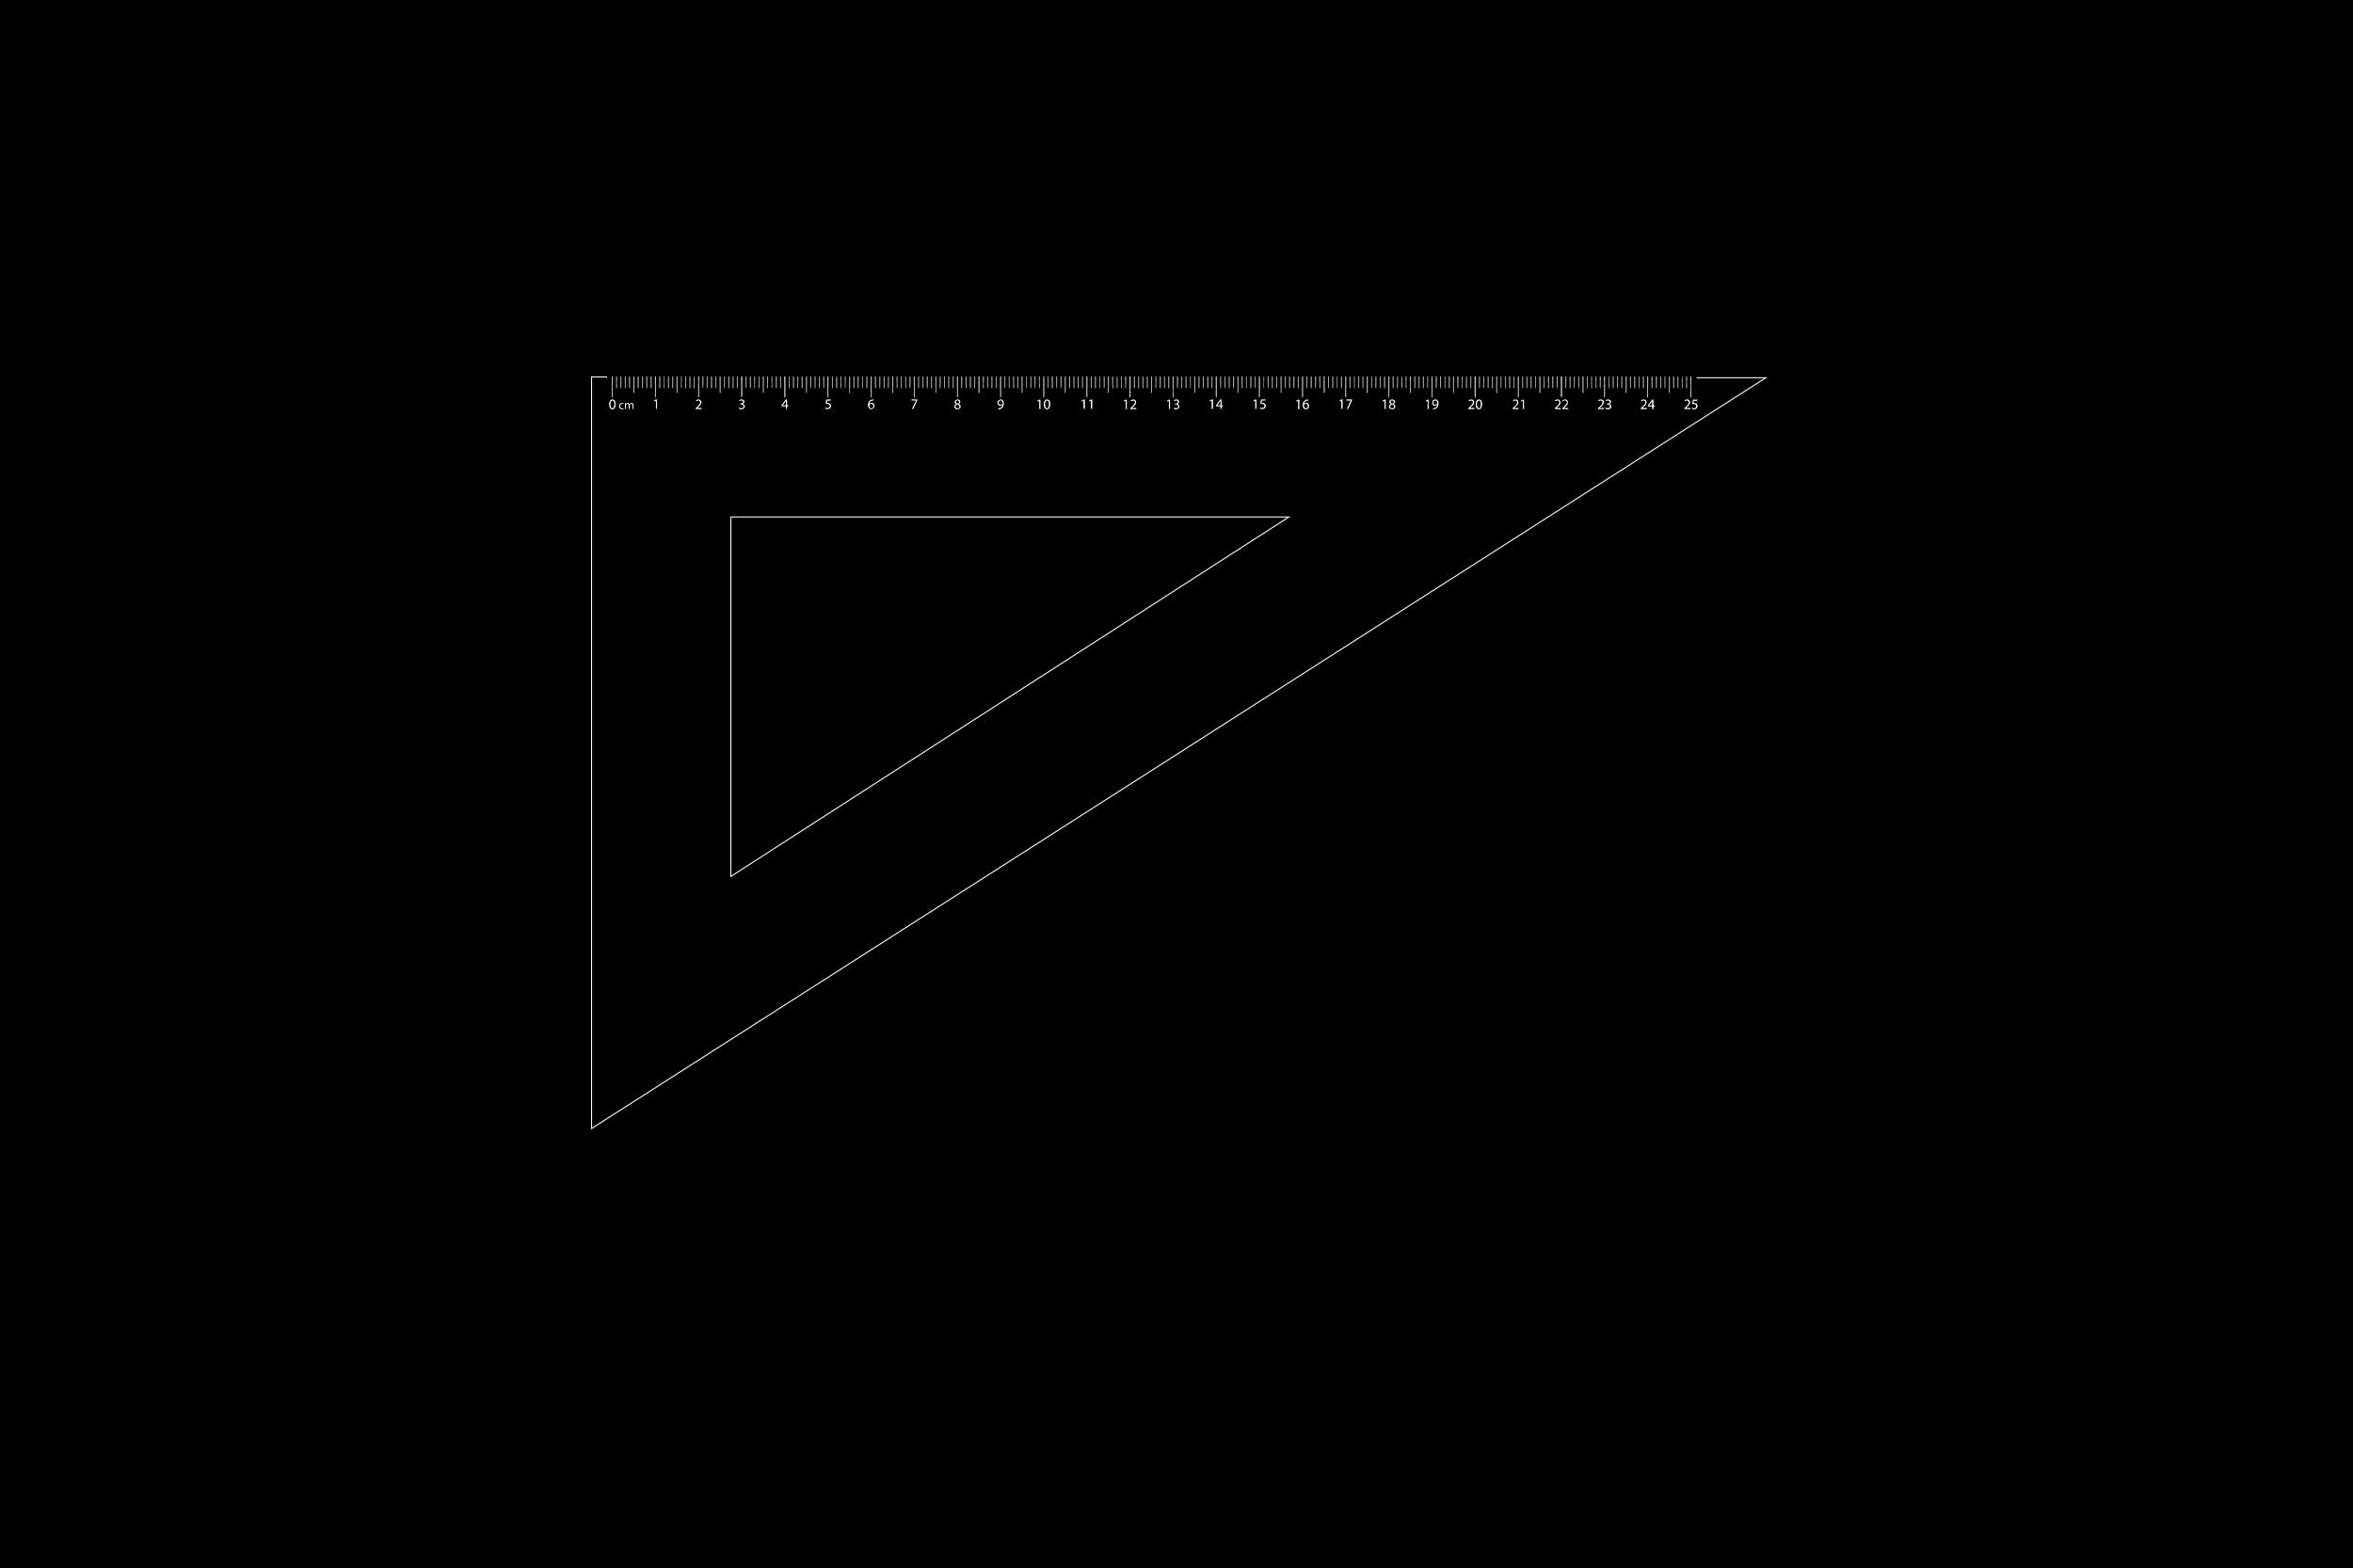 doms_ruler.jpg